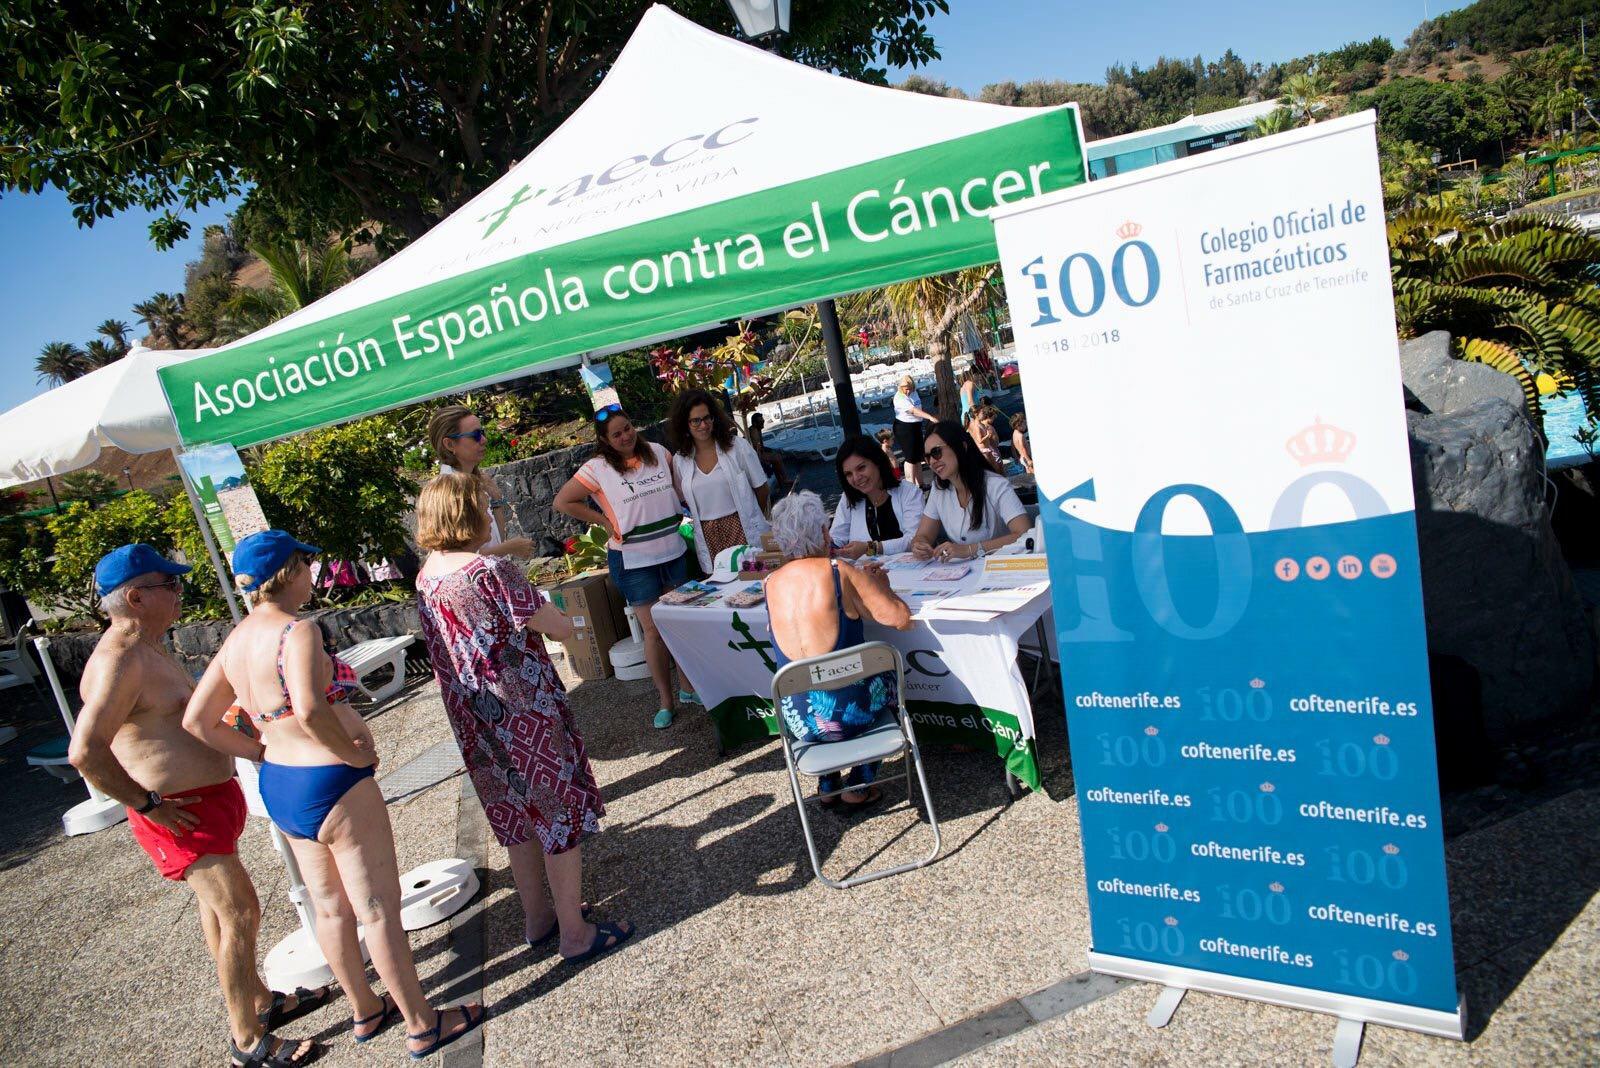 El Parque Marítimo de Santa Cruz de Tenerife acogió una de las carpas informativas. DA